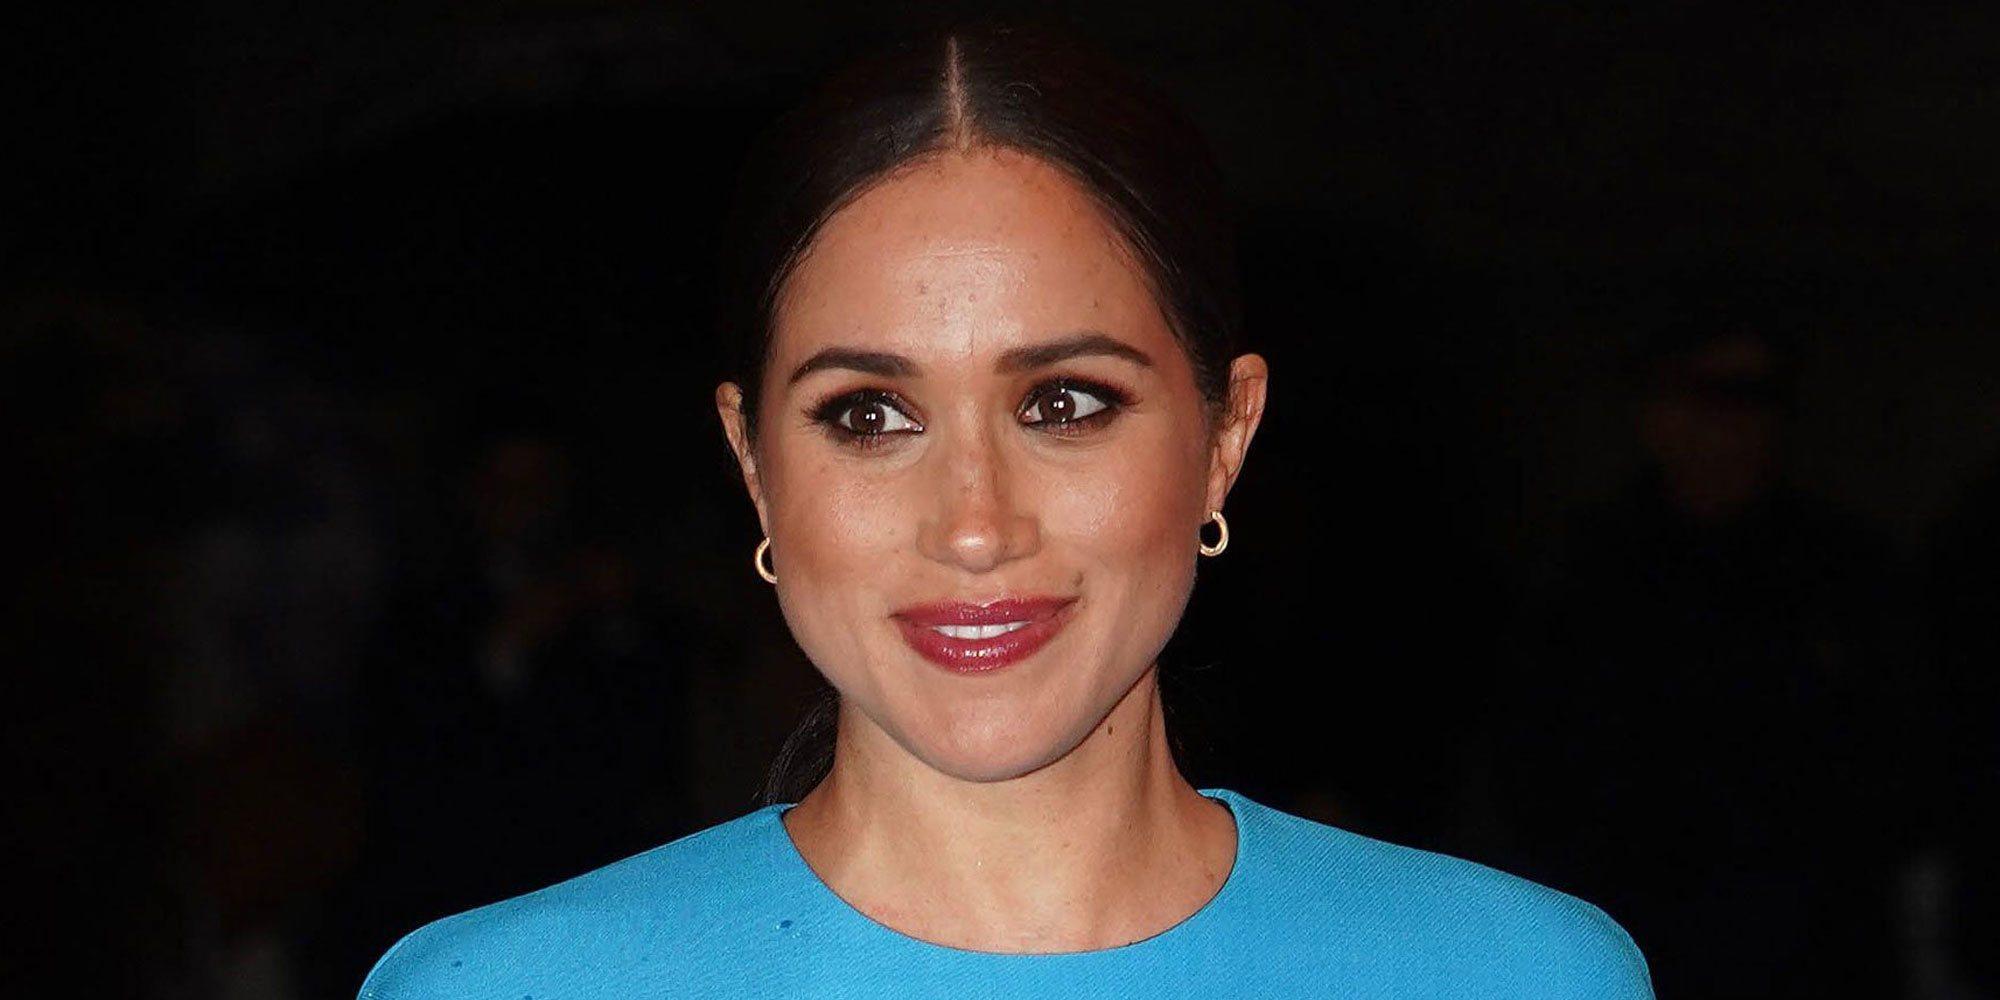 La Familia Real Británica sorprende a Meghan Markle por su 39 cumpleaños